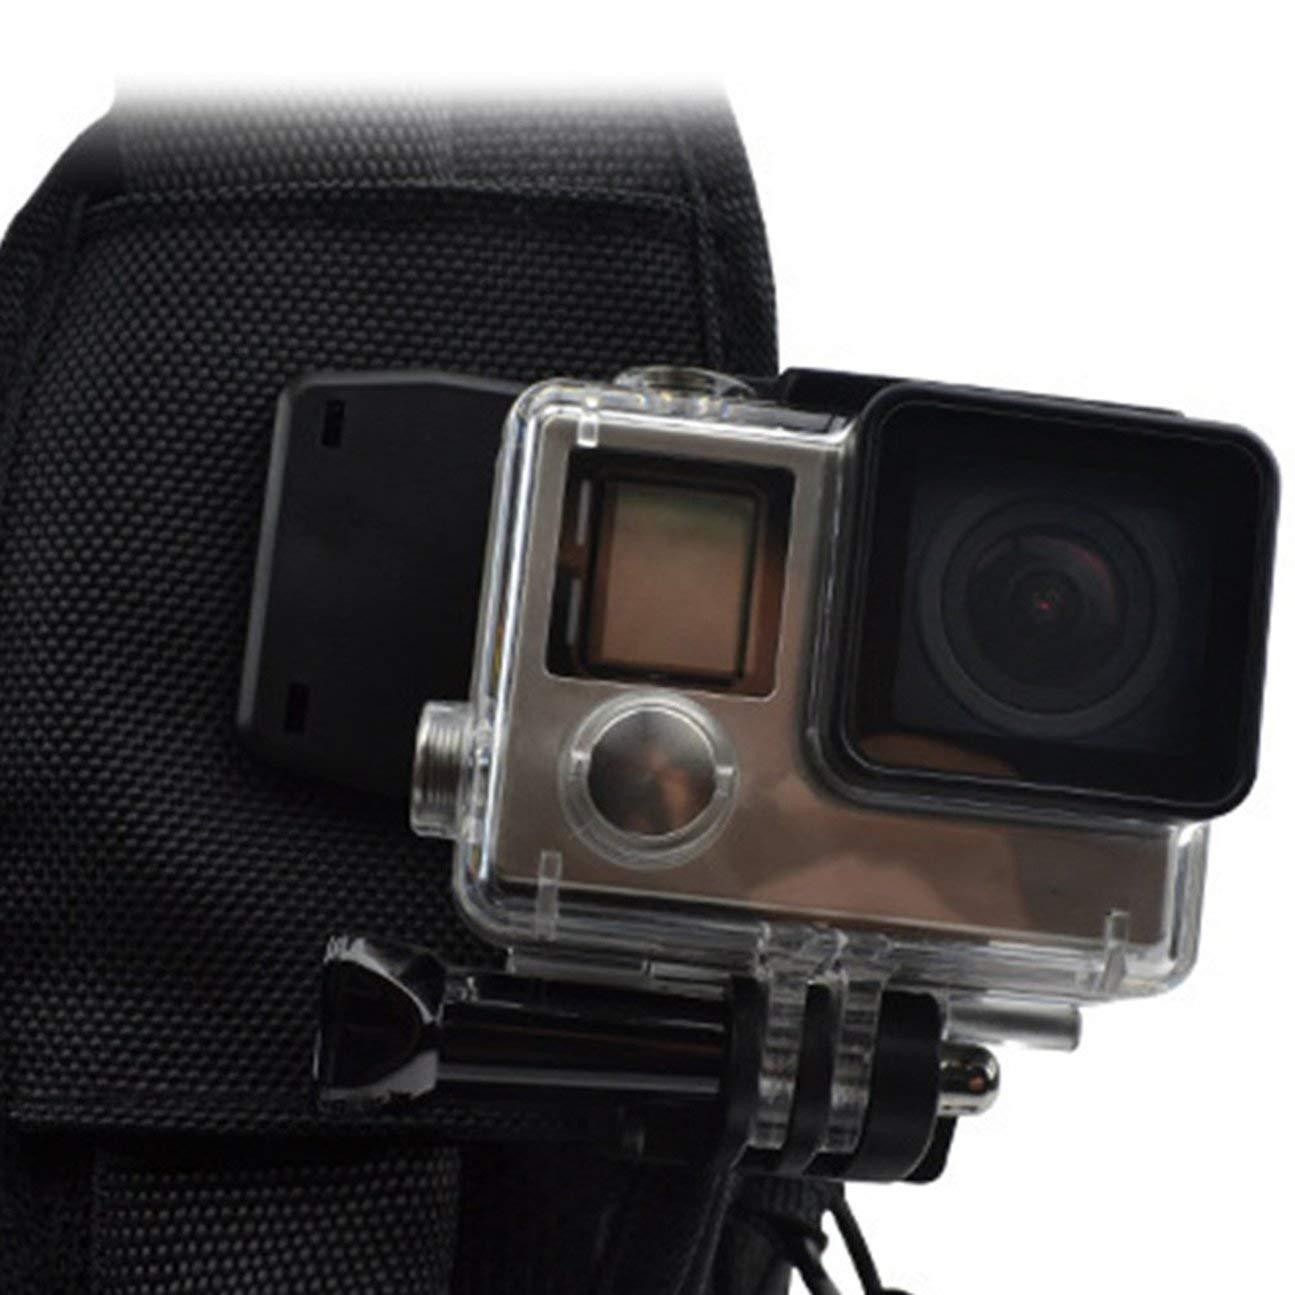 Clip portatile da 360 gradi con morsetto a molla per montaggio su gancio per Gopro Hero 4//3 // 3//2 per accessorio fotocamera SJ4000 SJ6000 AT200 nero